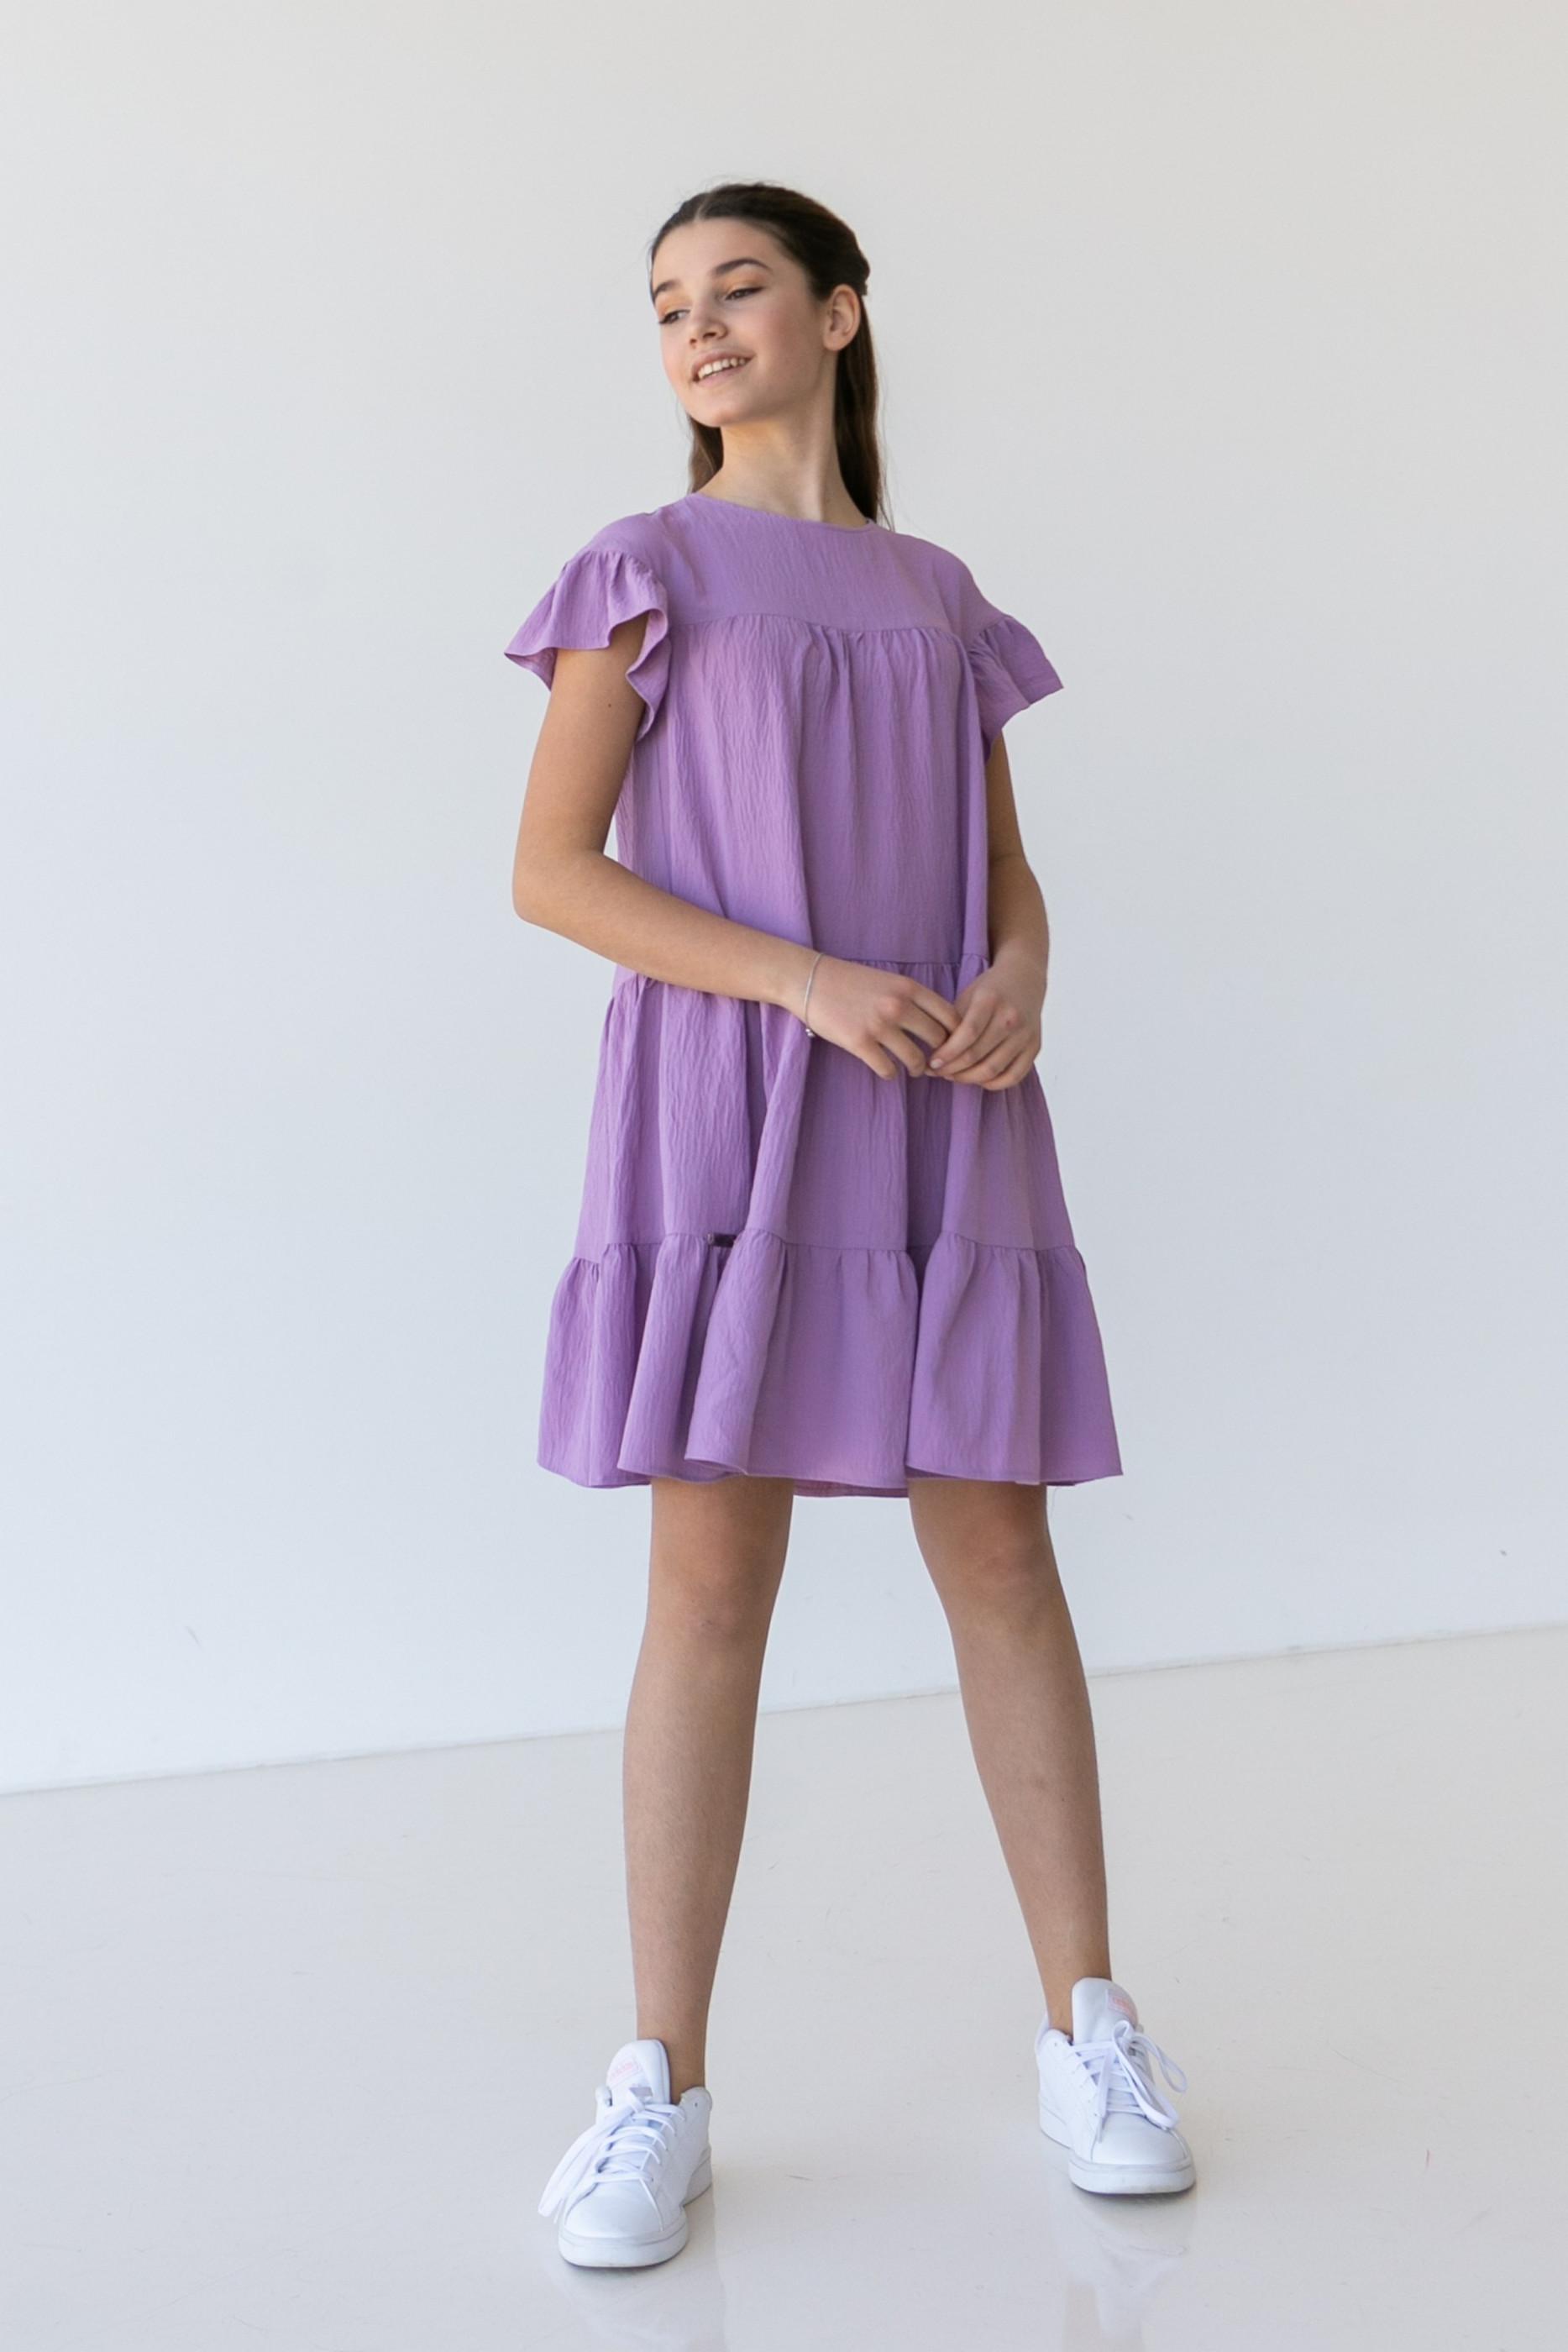 Плаття Емілія, фото №1